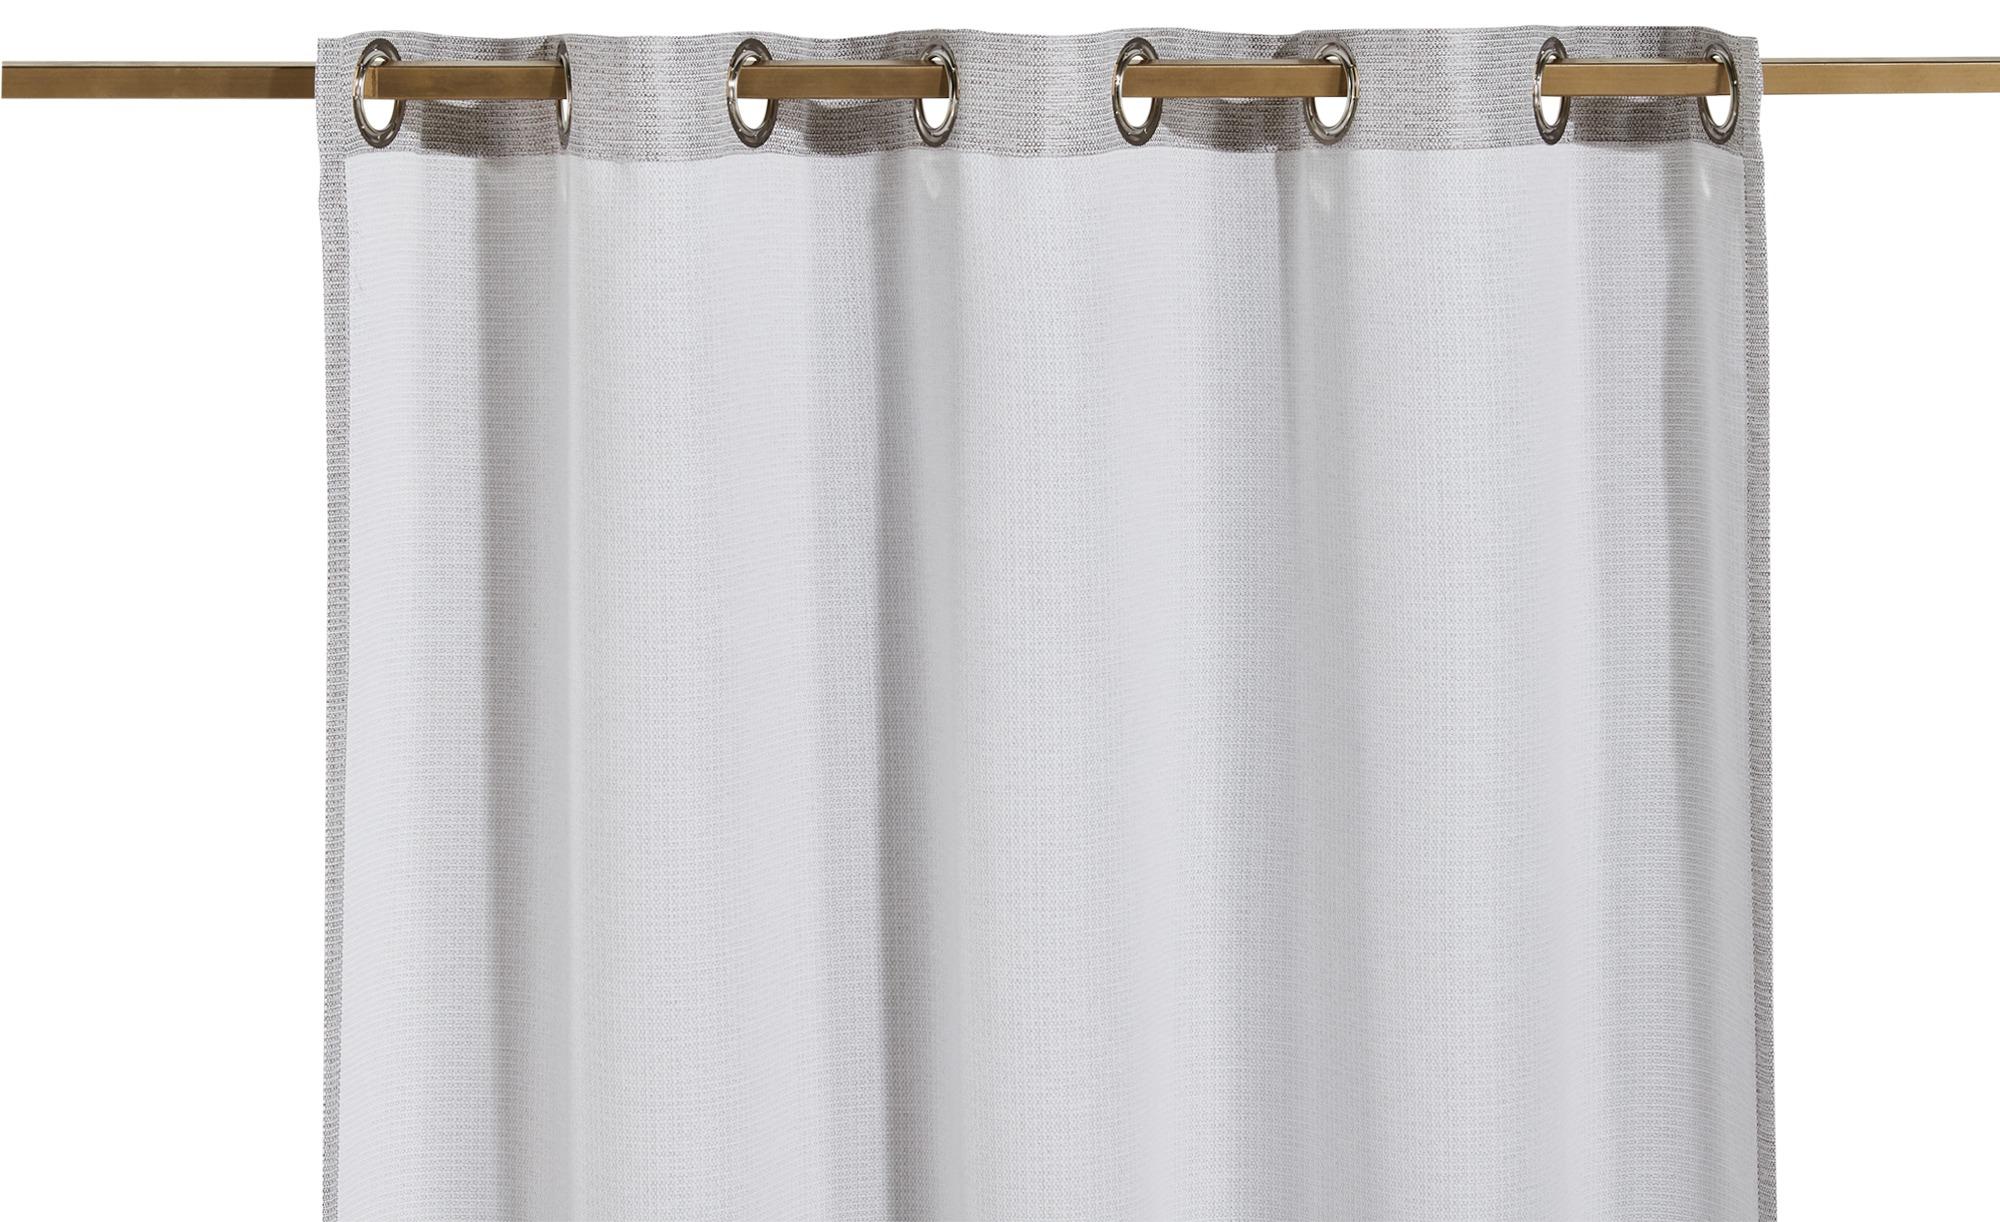 como Ösenschal  Mara ¦ beige ¦ 100% Polyester ¦ Maße (cm): B: 140 H: 245 Gardinen & Vorhänge > Gardinen & Fertigstore > Ösenschals - Höffner